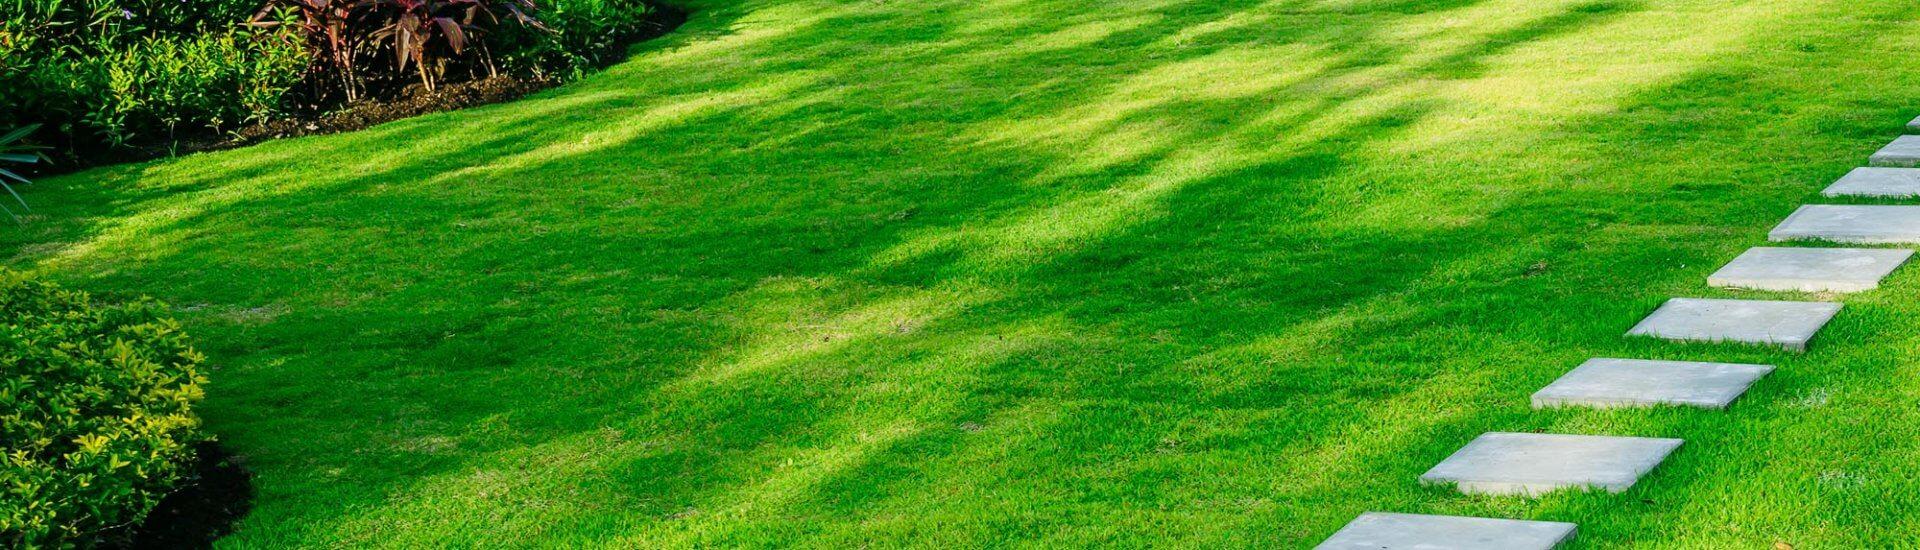 Scheppach Rasenmäher: Test, Ratgeber & Empfehlungen